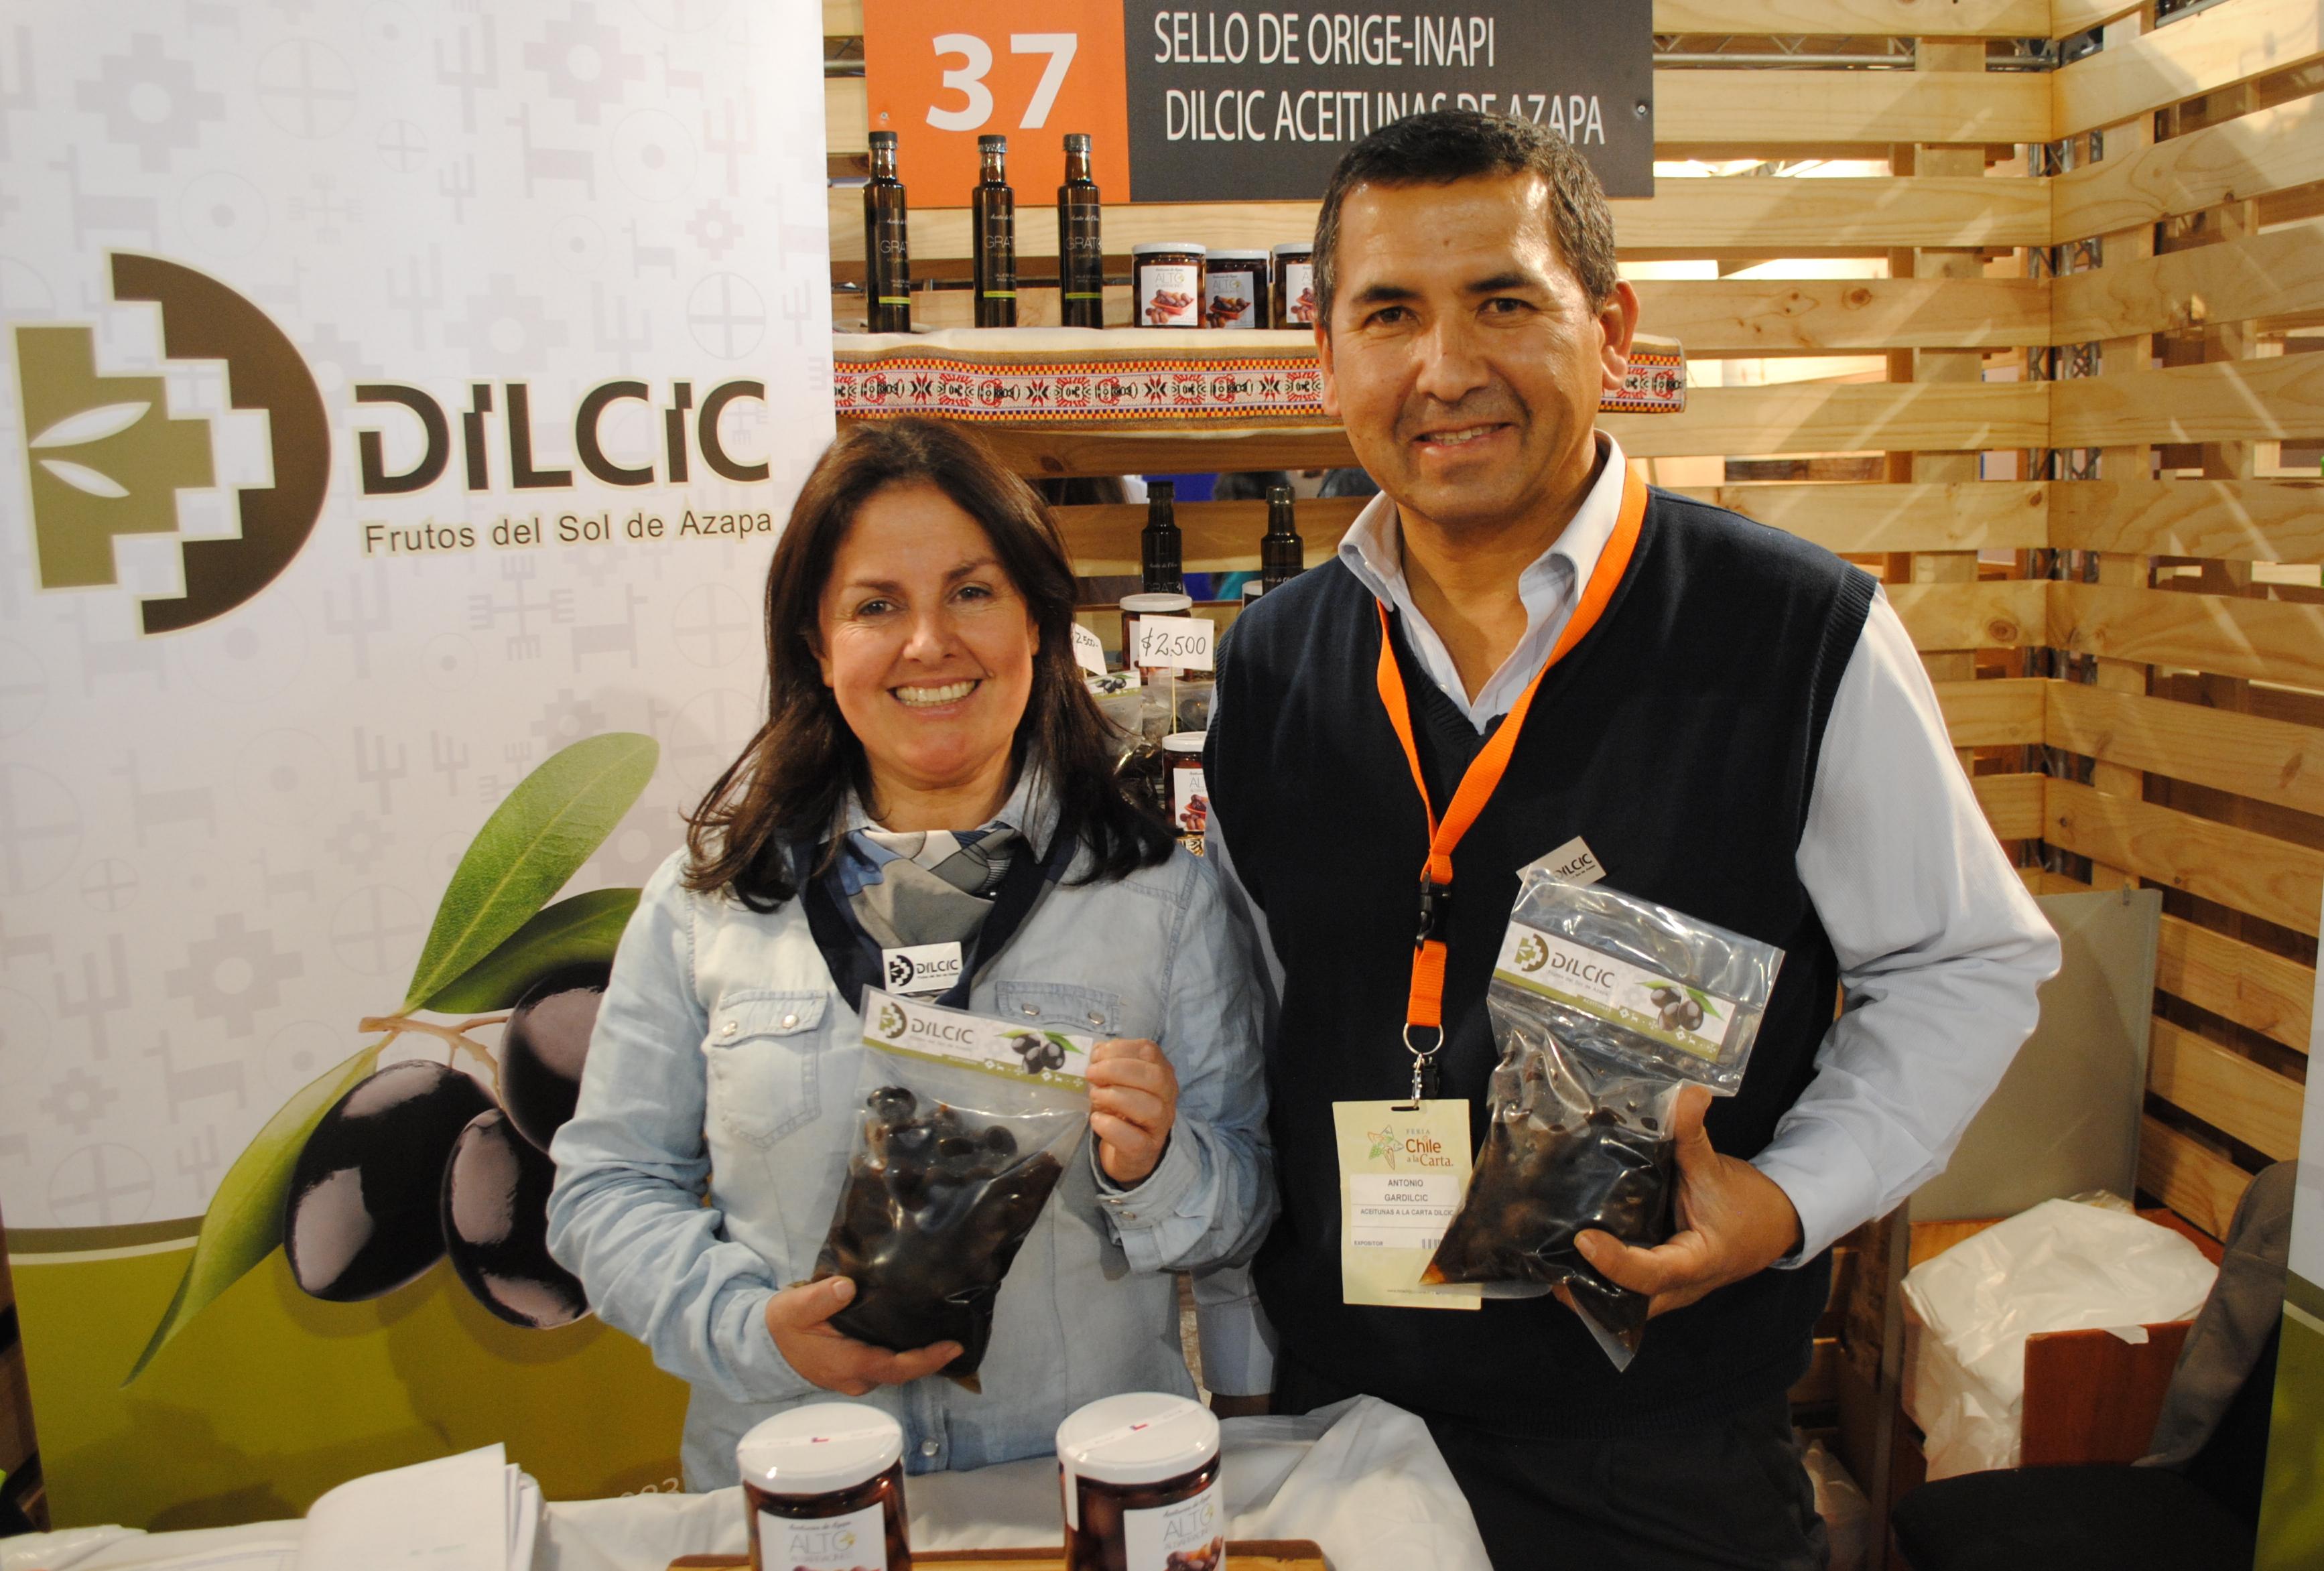 Dilcic en Feria Chile a la Carta. Foto: biobiochile.cl